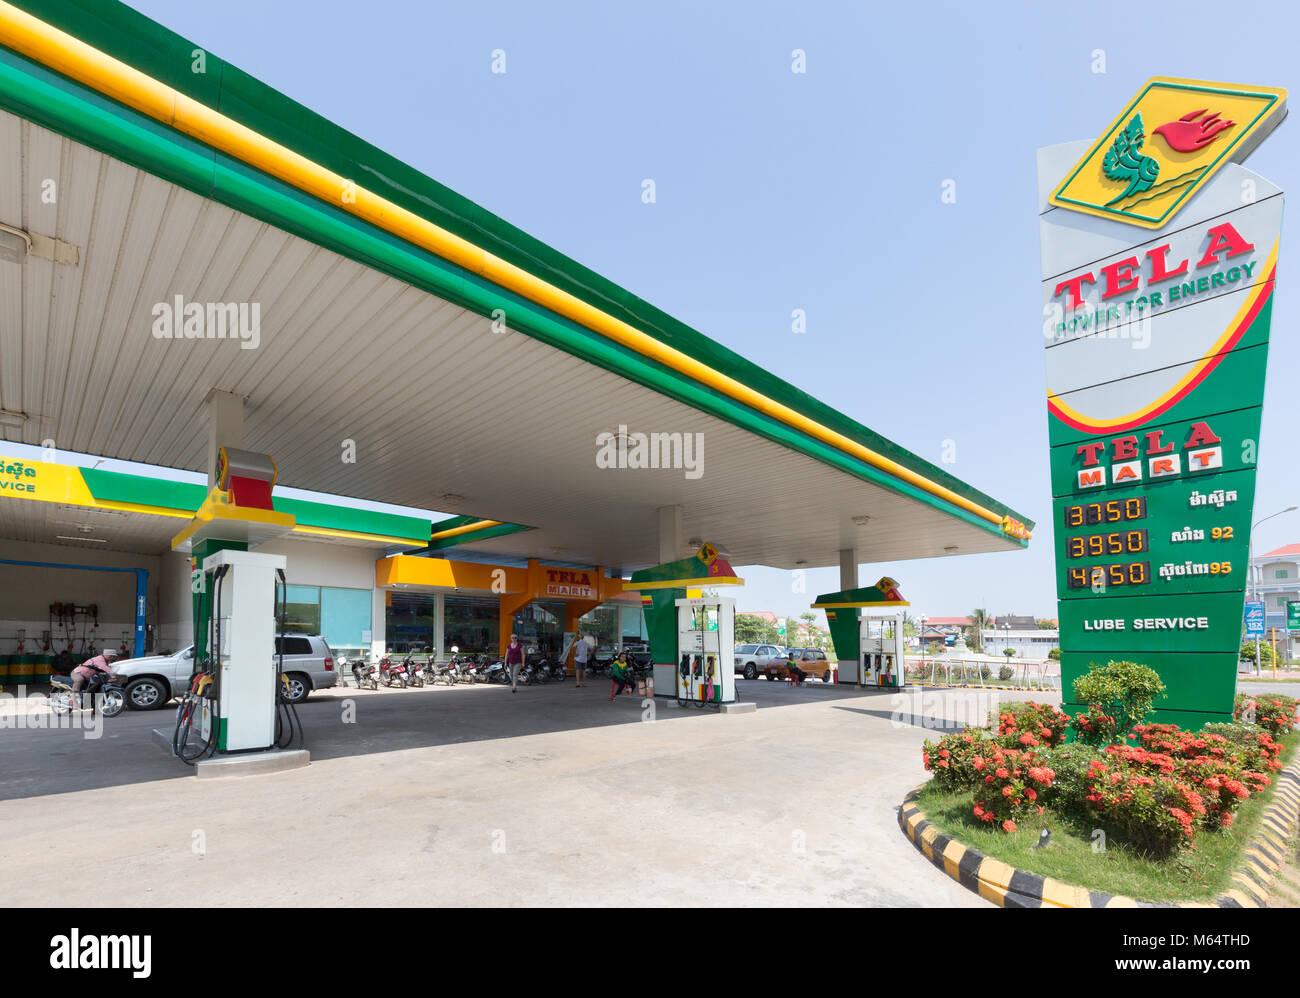 Tela Tela de combustible de petróleo - una estación de servicio en Kampot, Camboya, Asia Imagen De Stock